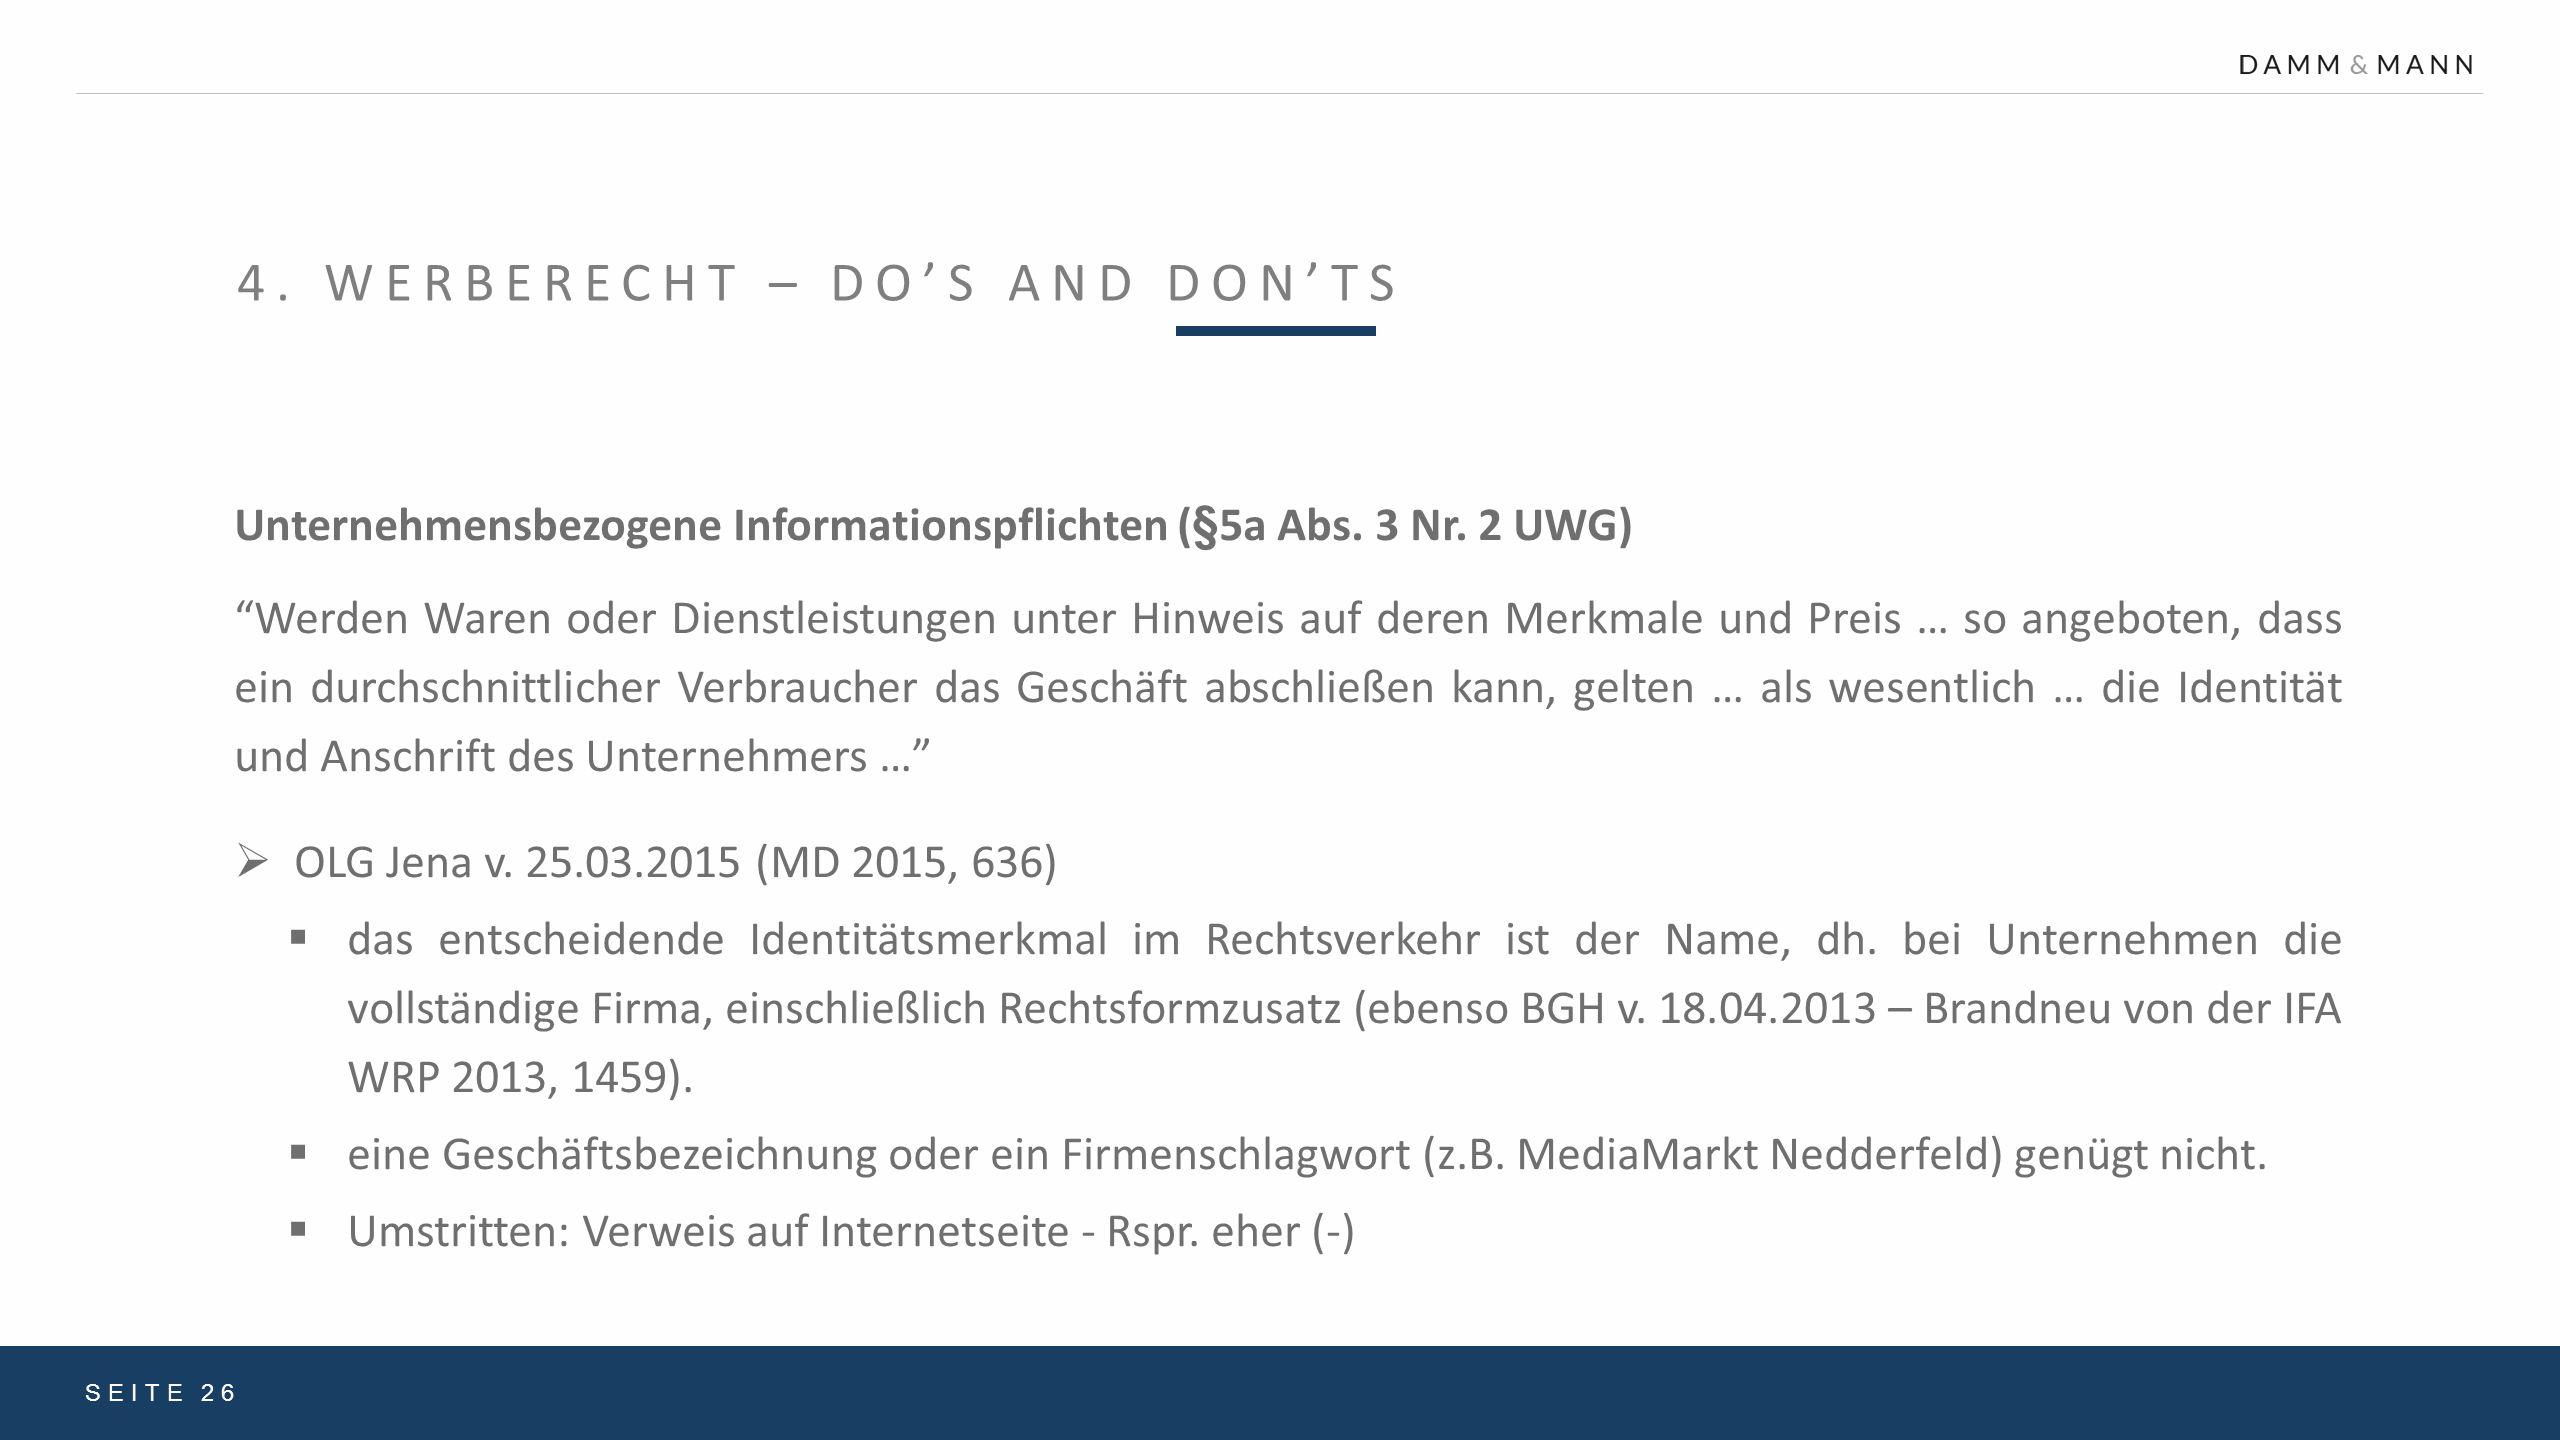 """4. WERBERECHT – DO'S AND DON'TS SEITE 26 Unternehmensbezogene Informationspflichten (§5a Abs. 3 Nr. 2 UWG) """"Werden Waren oder Dienstleistungen unter H"""